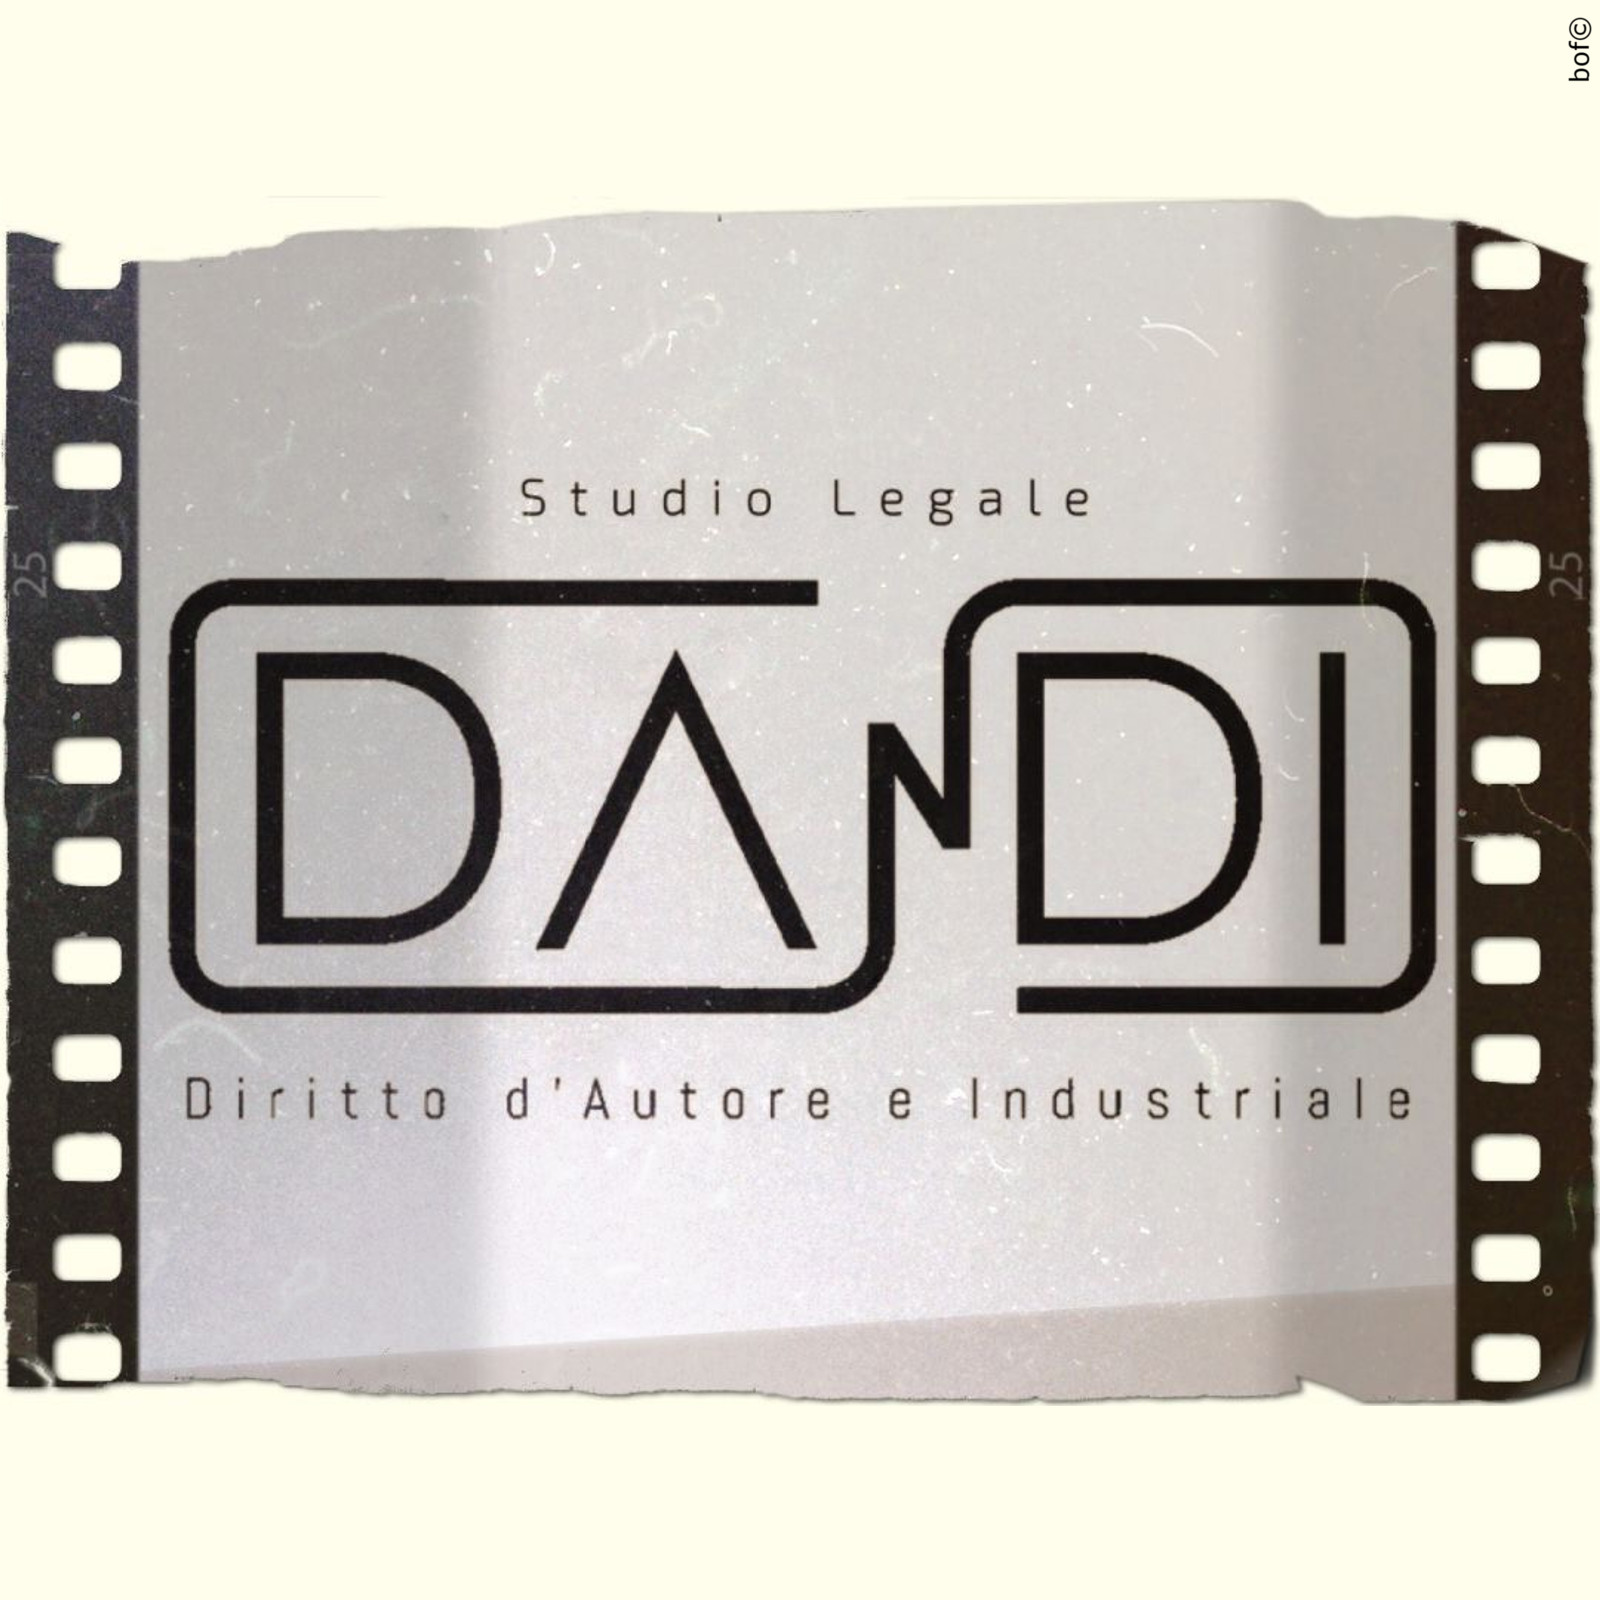 Get Started Producer è pensato per i Filmmaker/Registi/Produttori di società di produzione cinematografica o audiovisiva indipendente e indipendenti.